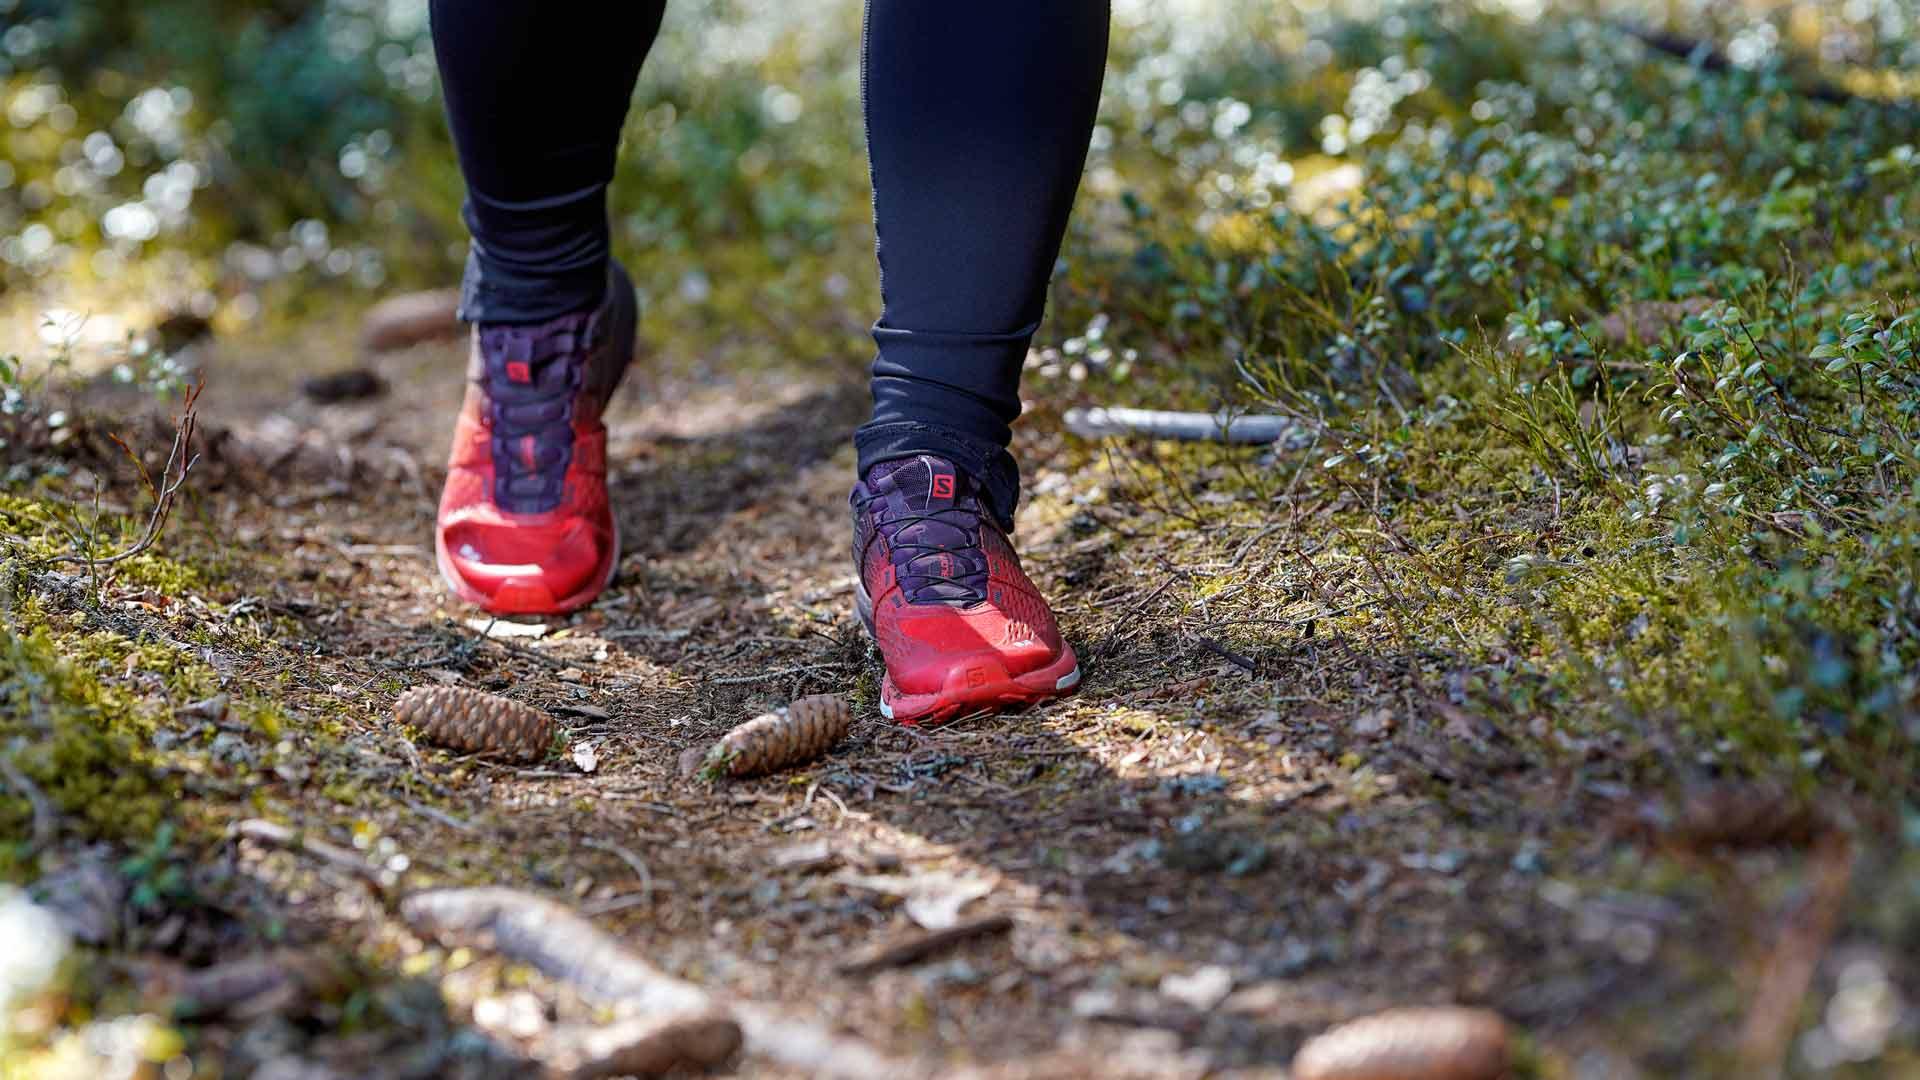 Polkujuoksu on Miran intohimo. Metsässä voi treenata monipuolisesti omaa kehonpainoa hyväksikäyttäen.